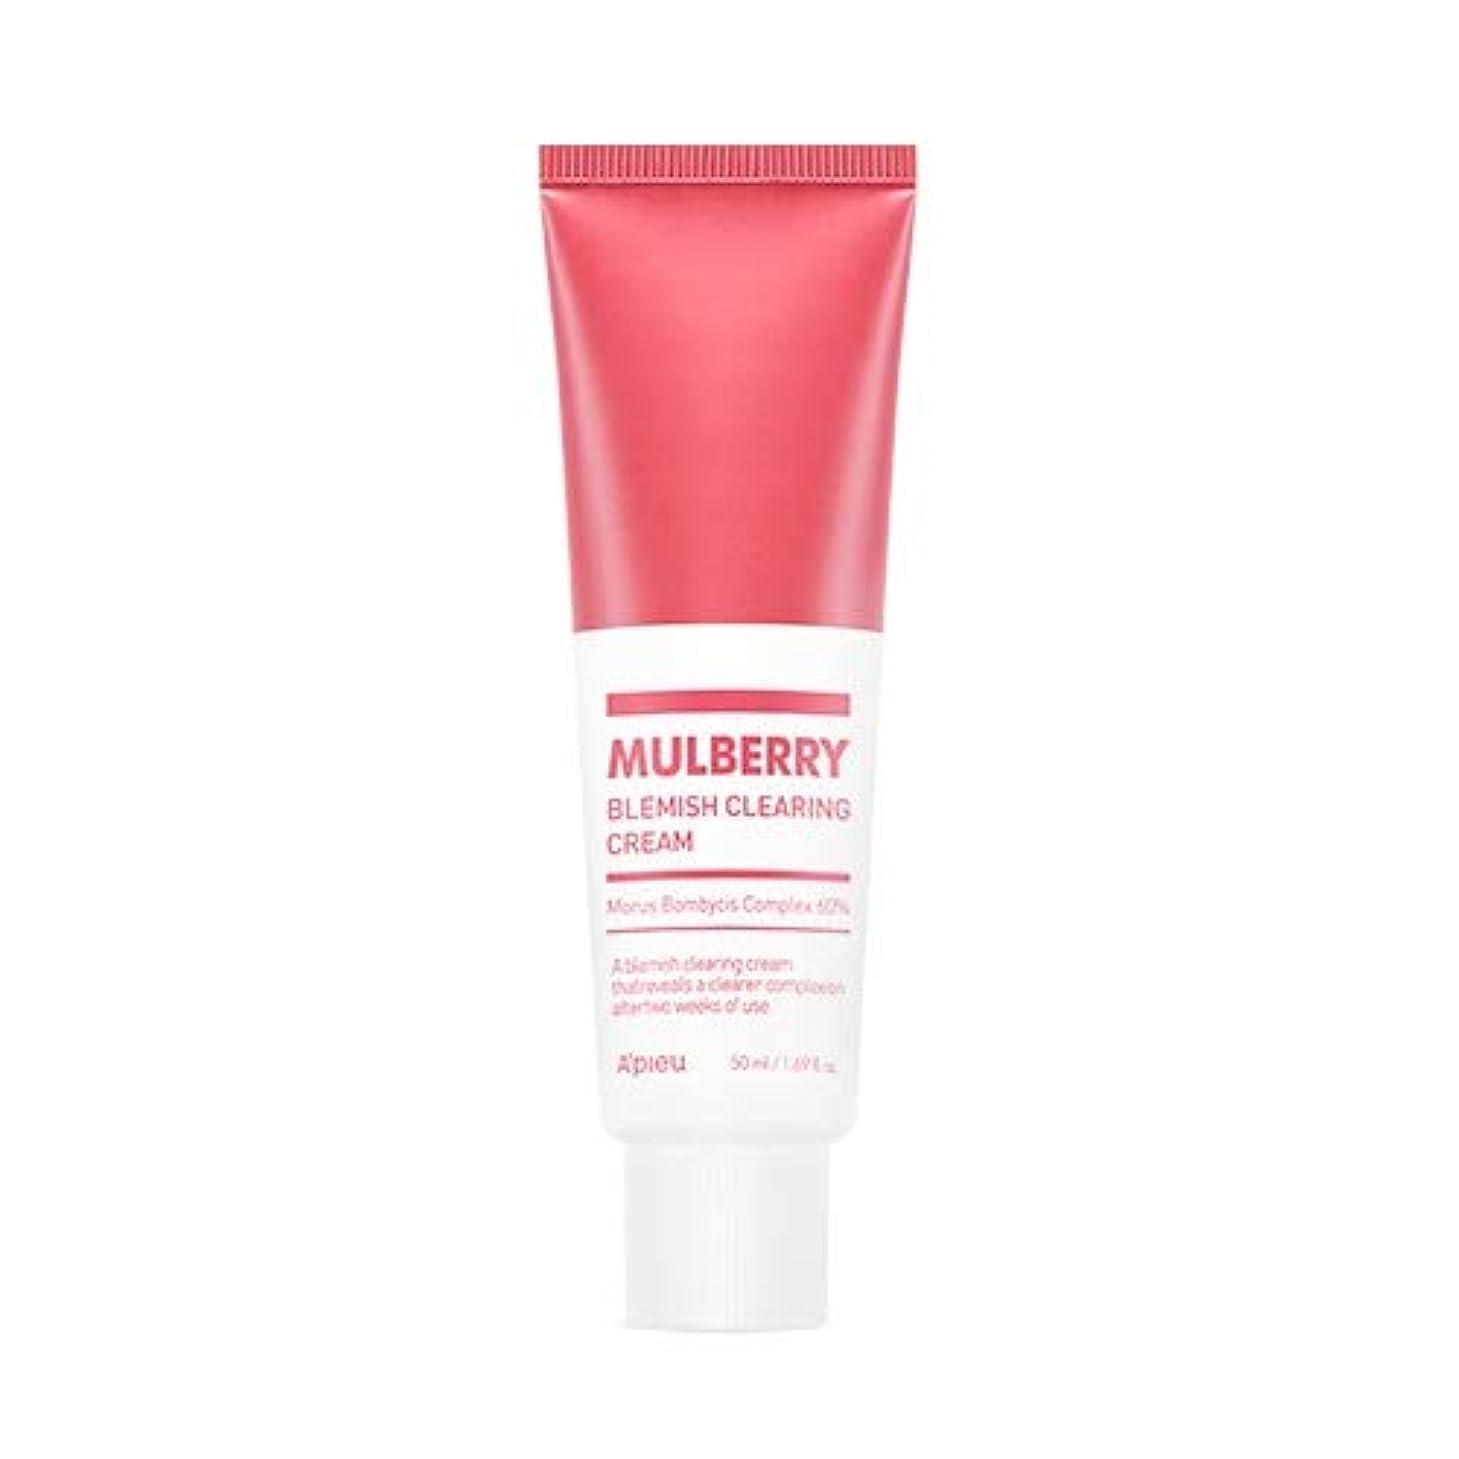 遠征フェード伝統的アピュ マルベリー ブラミッシュ クリアリング クリーム 50ml / APIEU Mulberry Blemish Clearing Cream 50ml [並行輸入品]